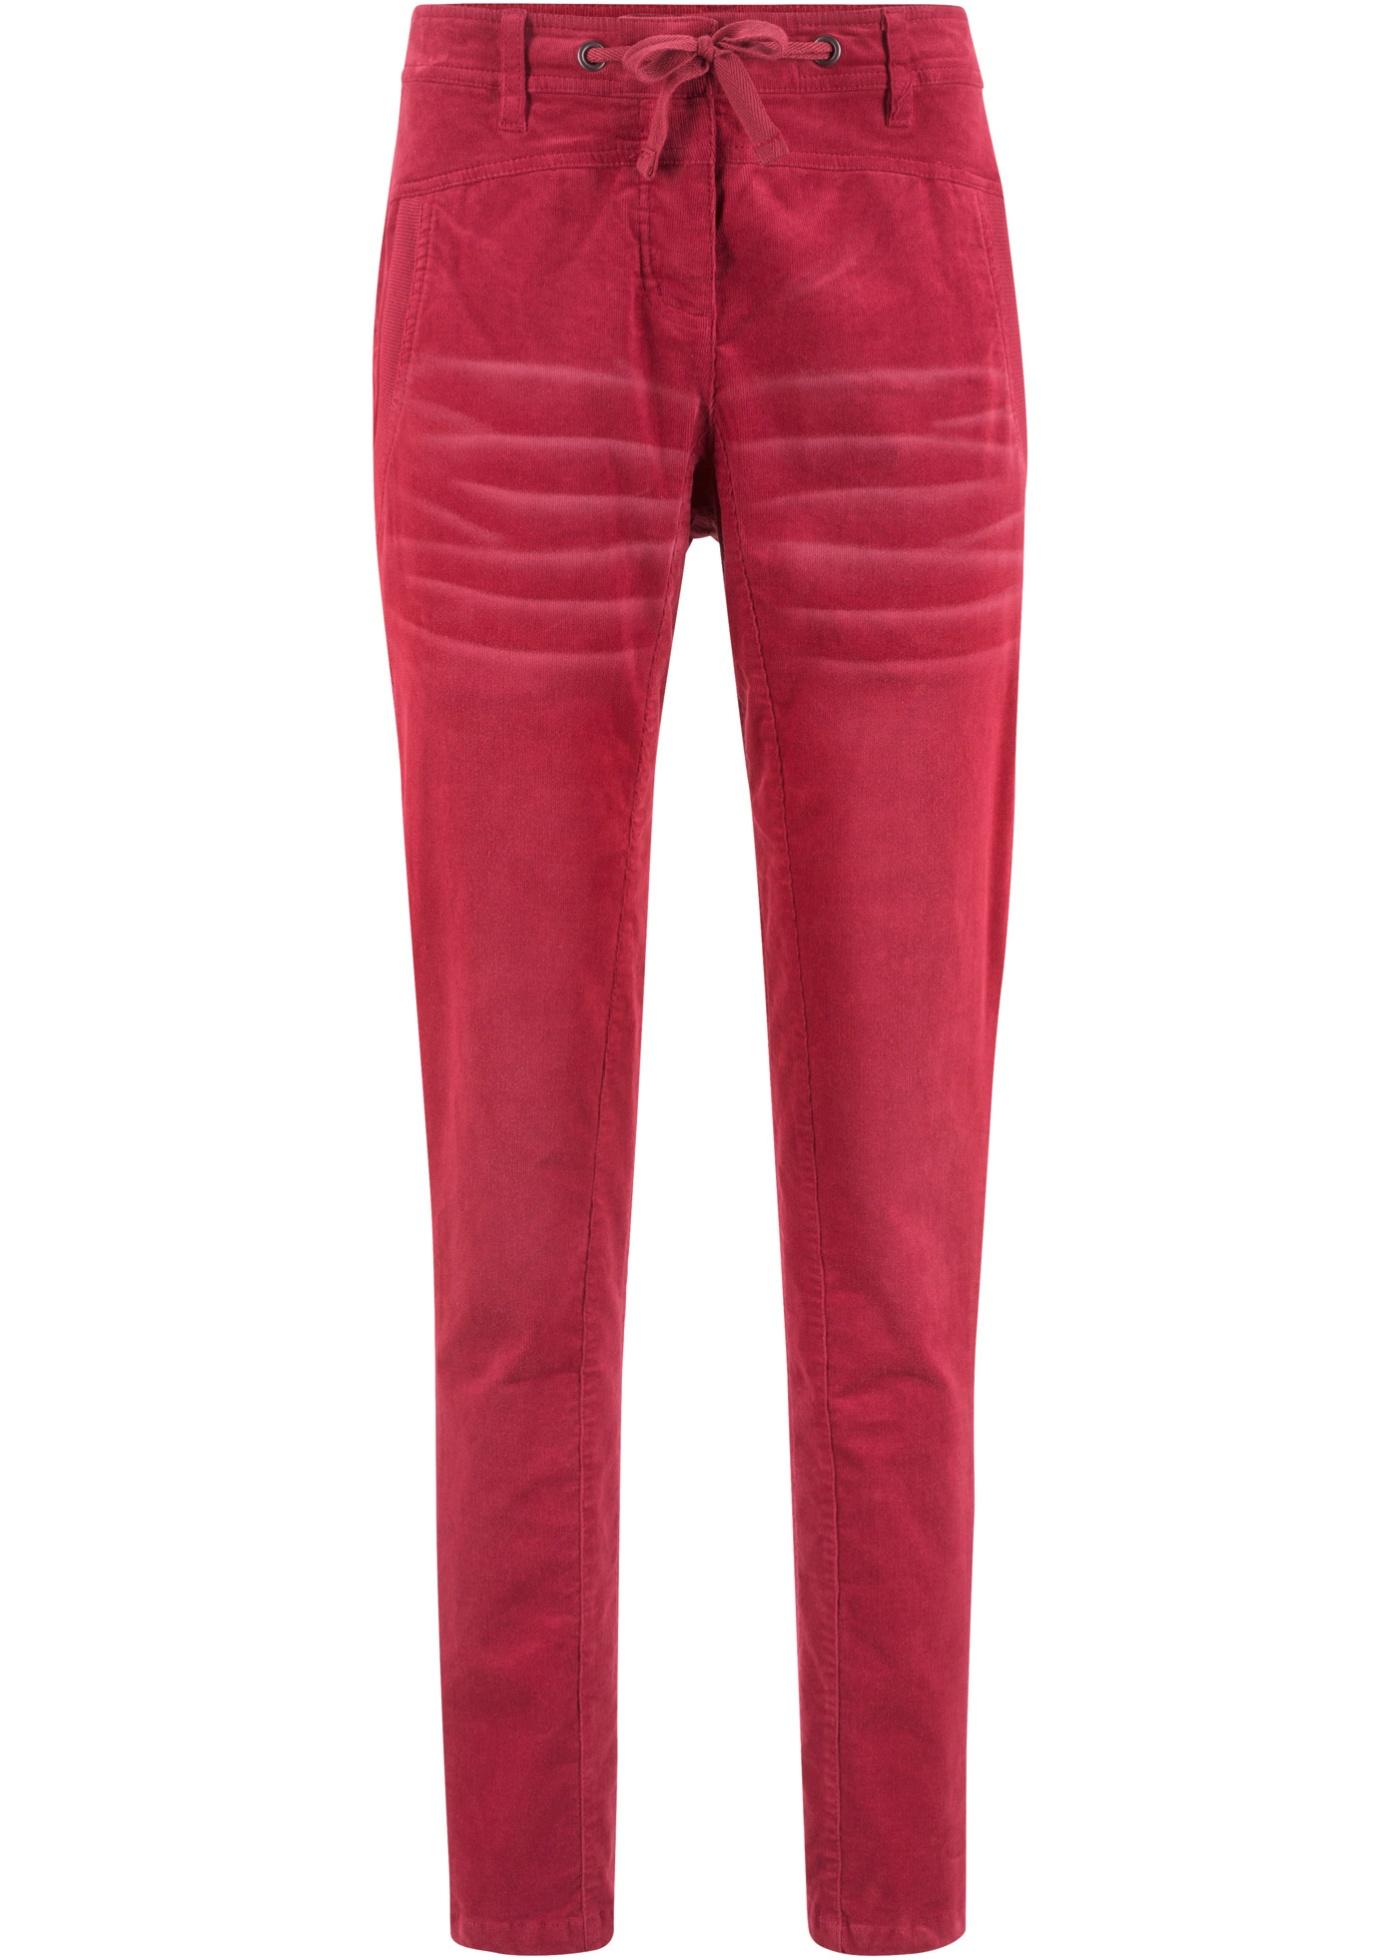 Tritoo Femme Pantalons Bonprix Tritoo Bonprix Femme Pantalons Bonprix Femme Femme Tritoo Pantalons MVGqUpLSz